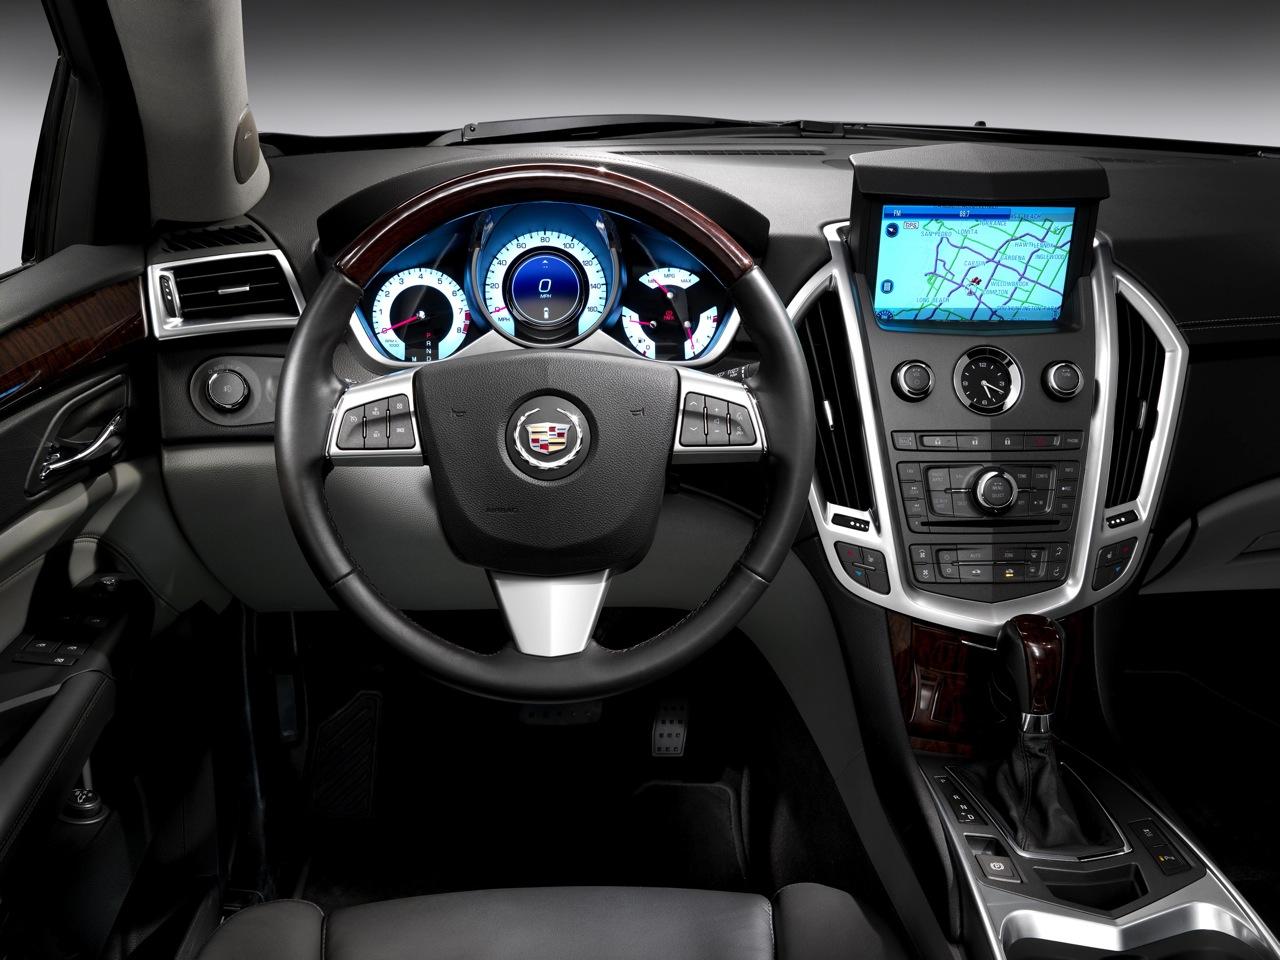 2011 Volvo Xc60 Image 15